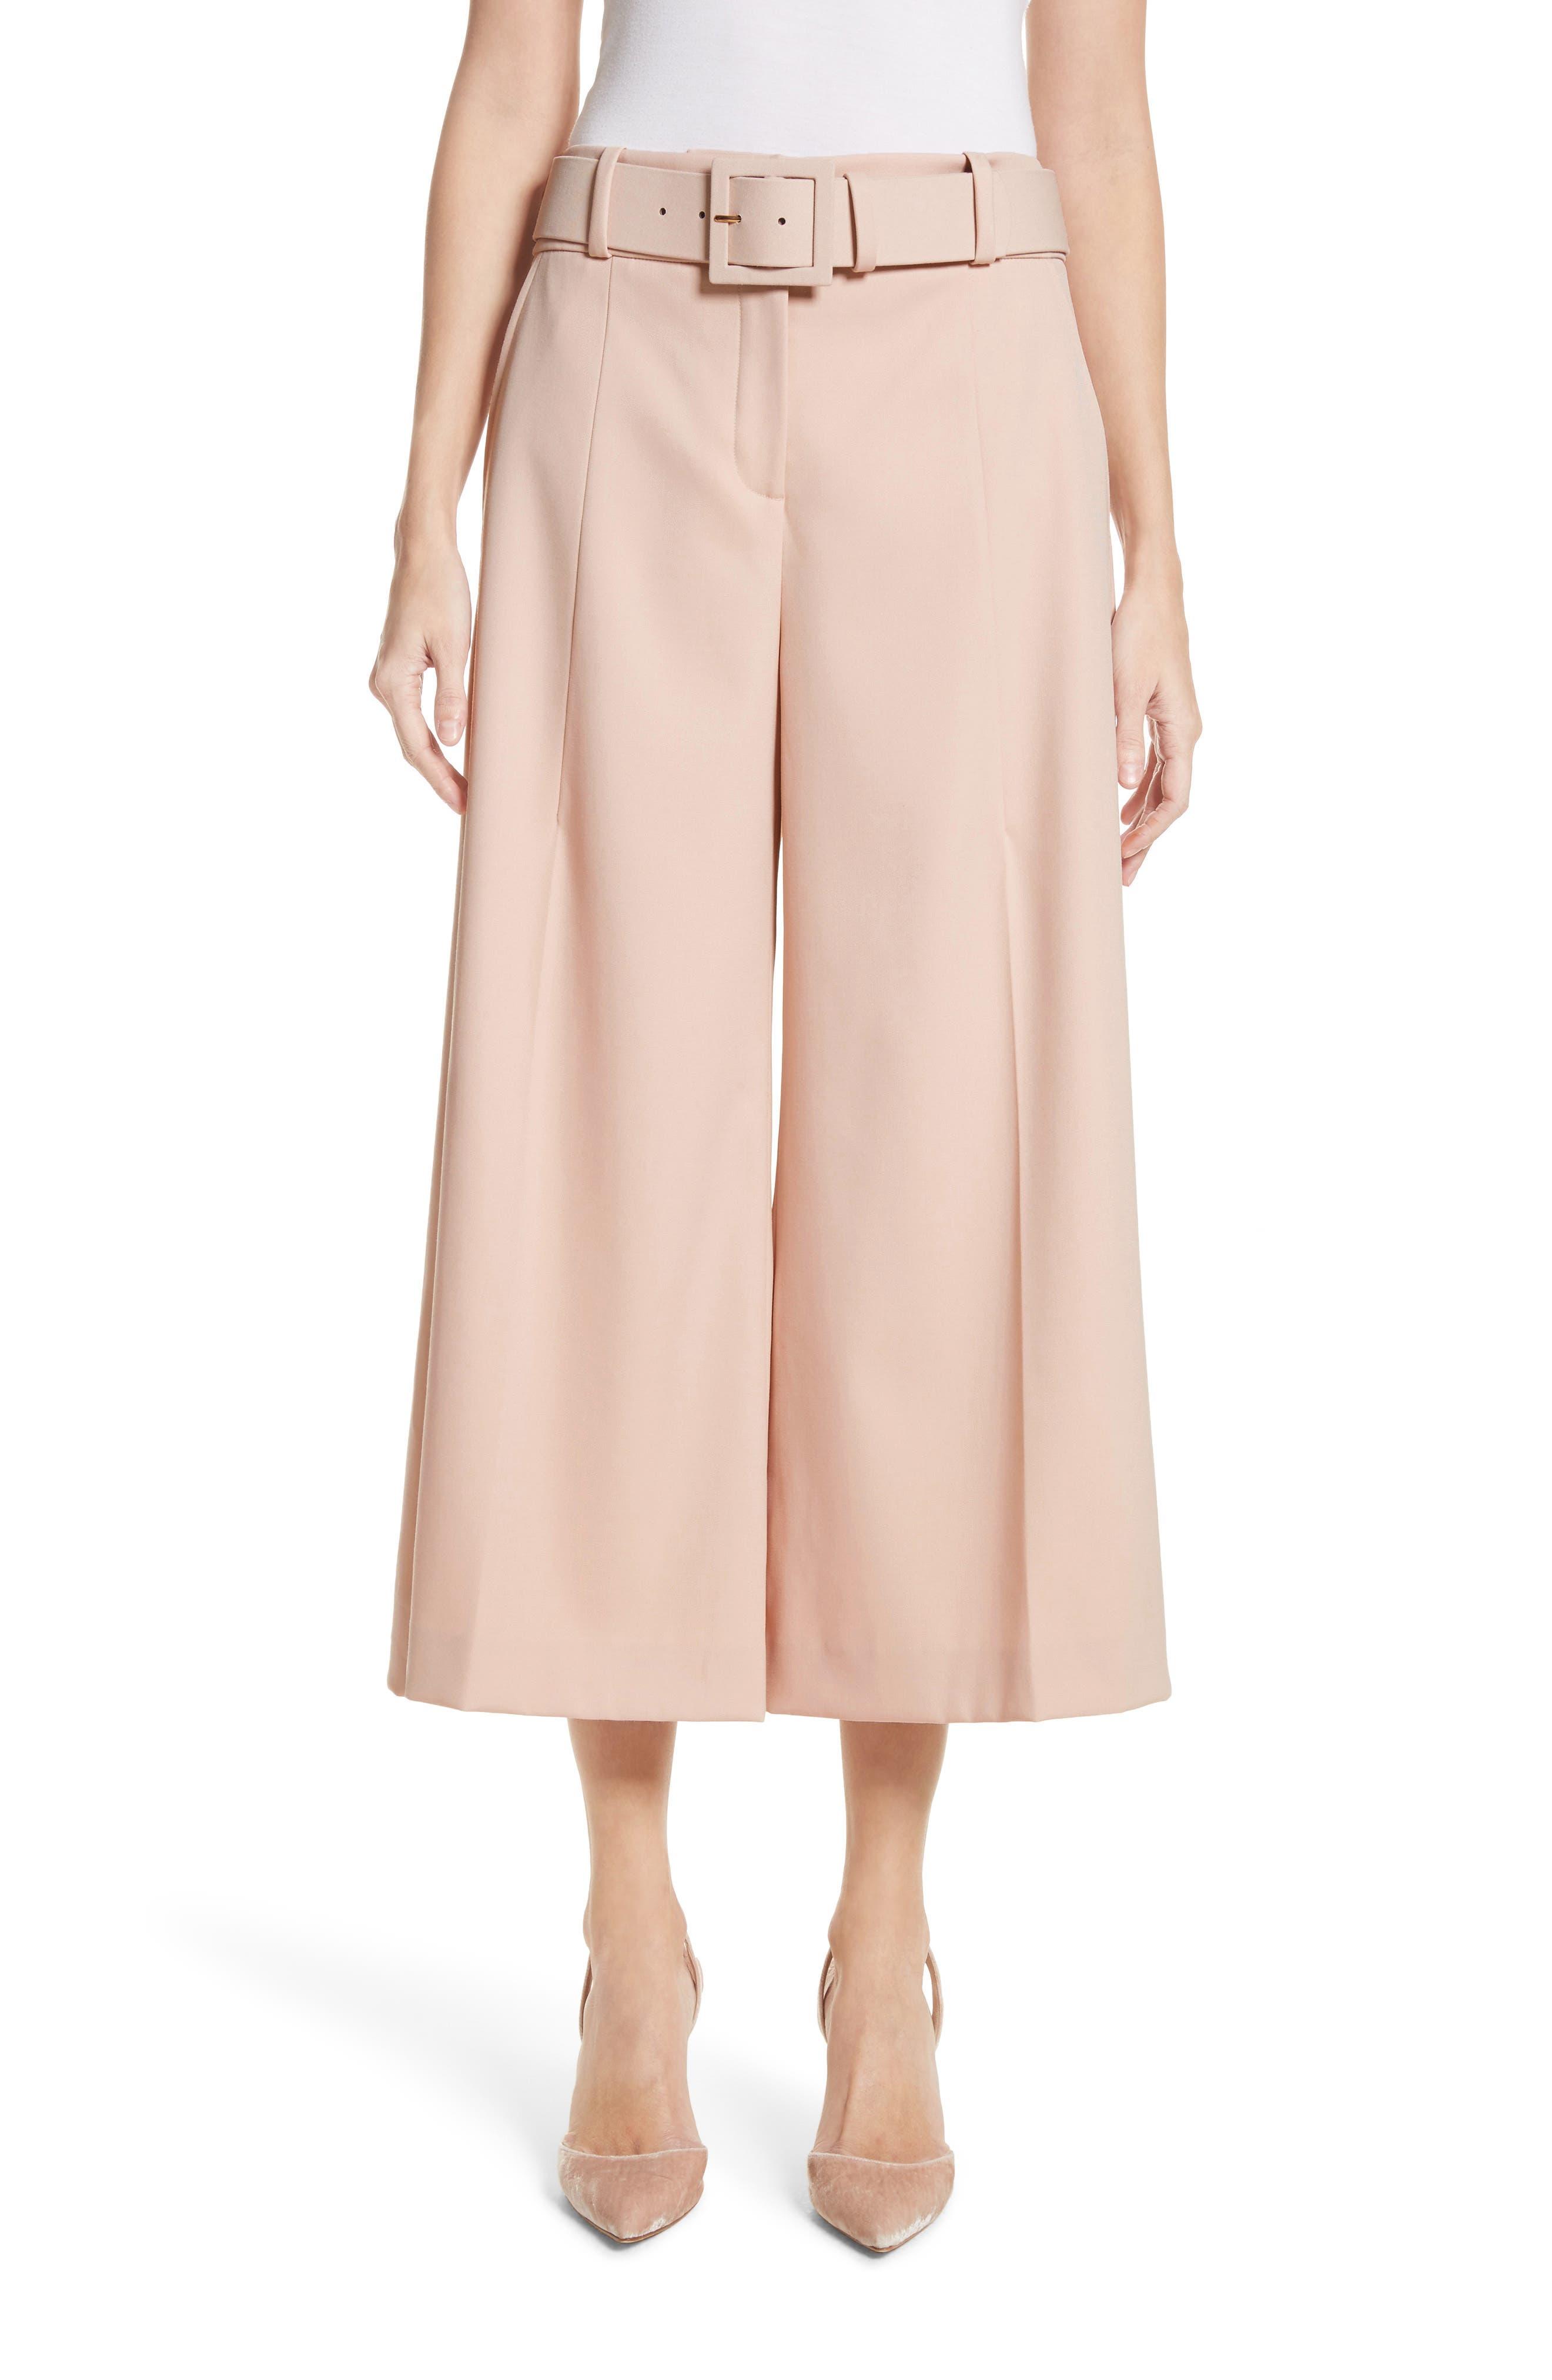 Alternate Image 1 Selected - Oscar de la Renta Stretch Wool Gabardine Culottes